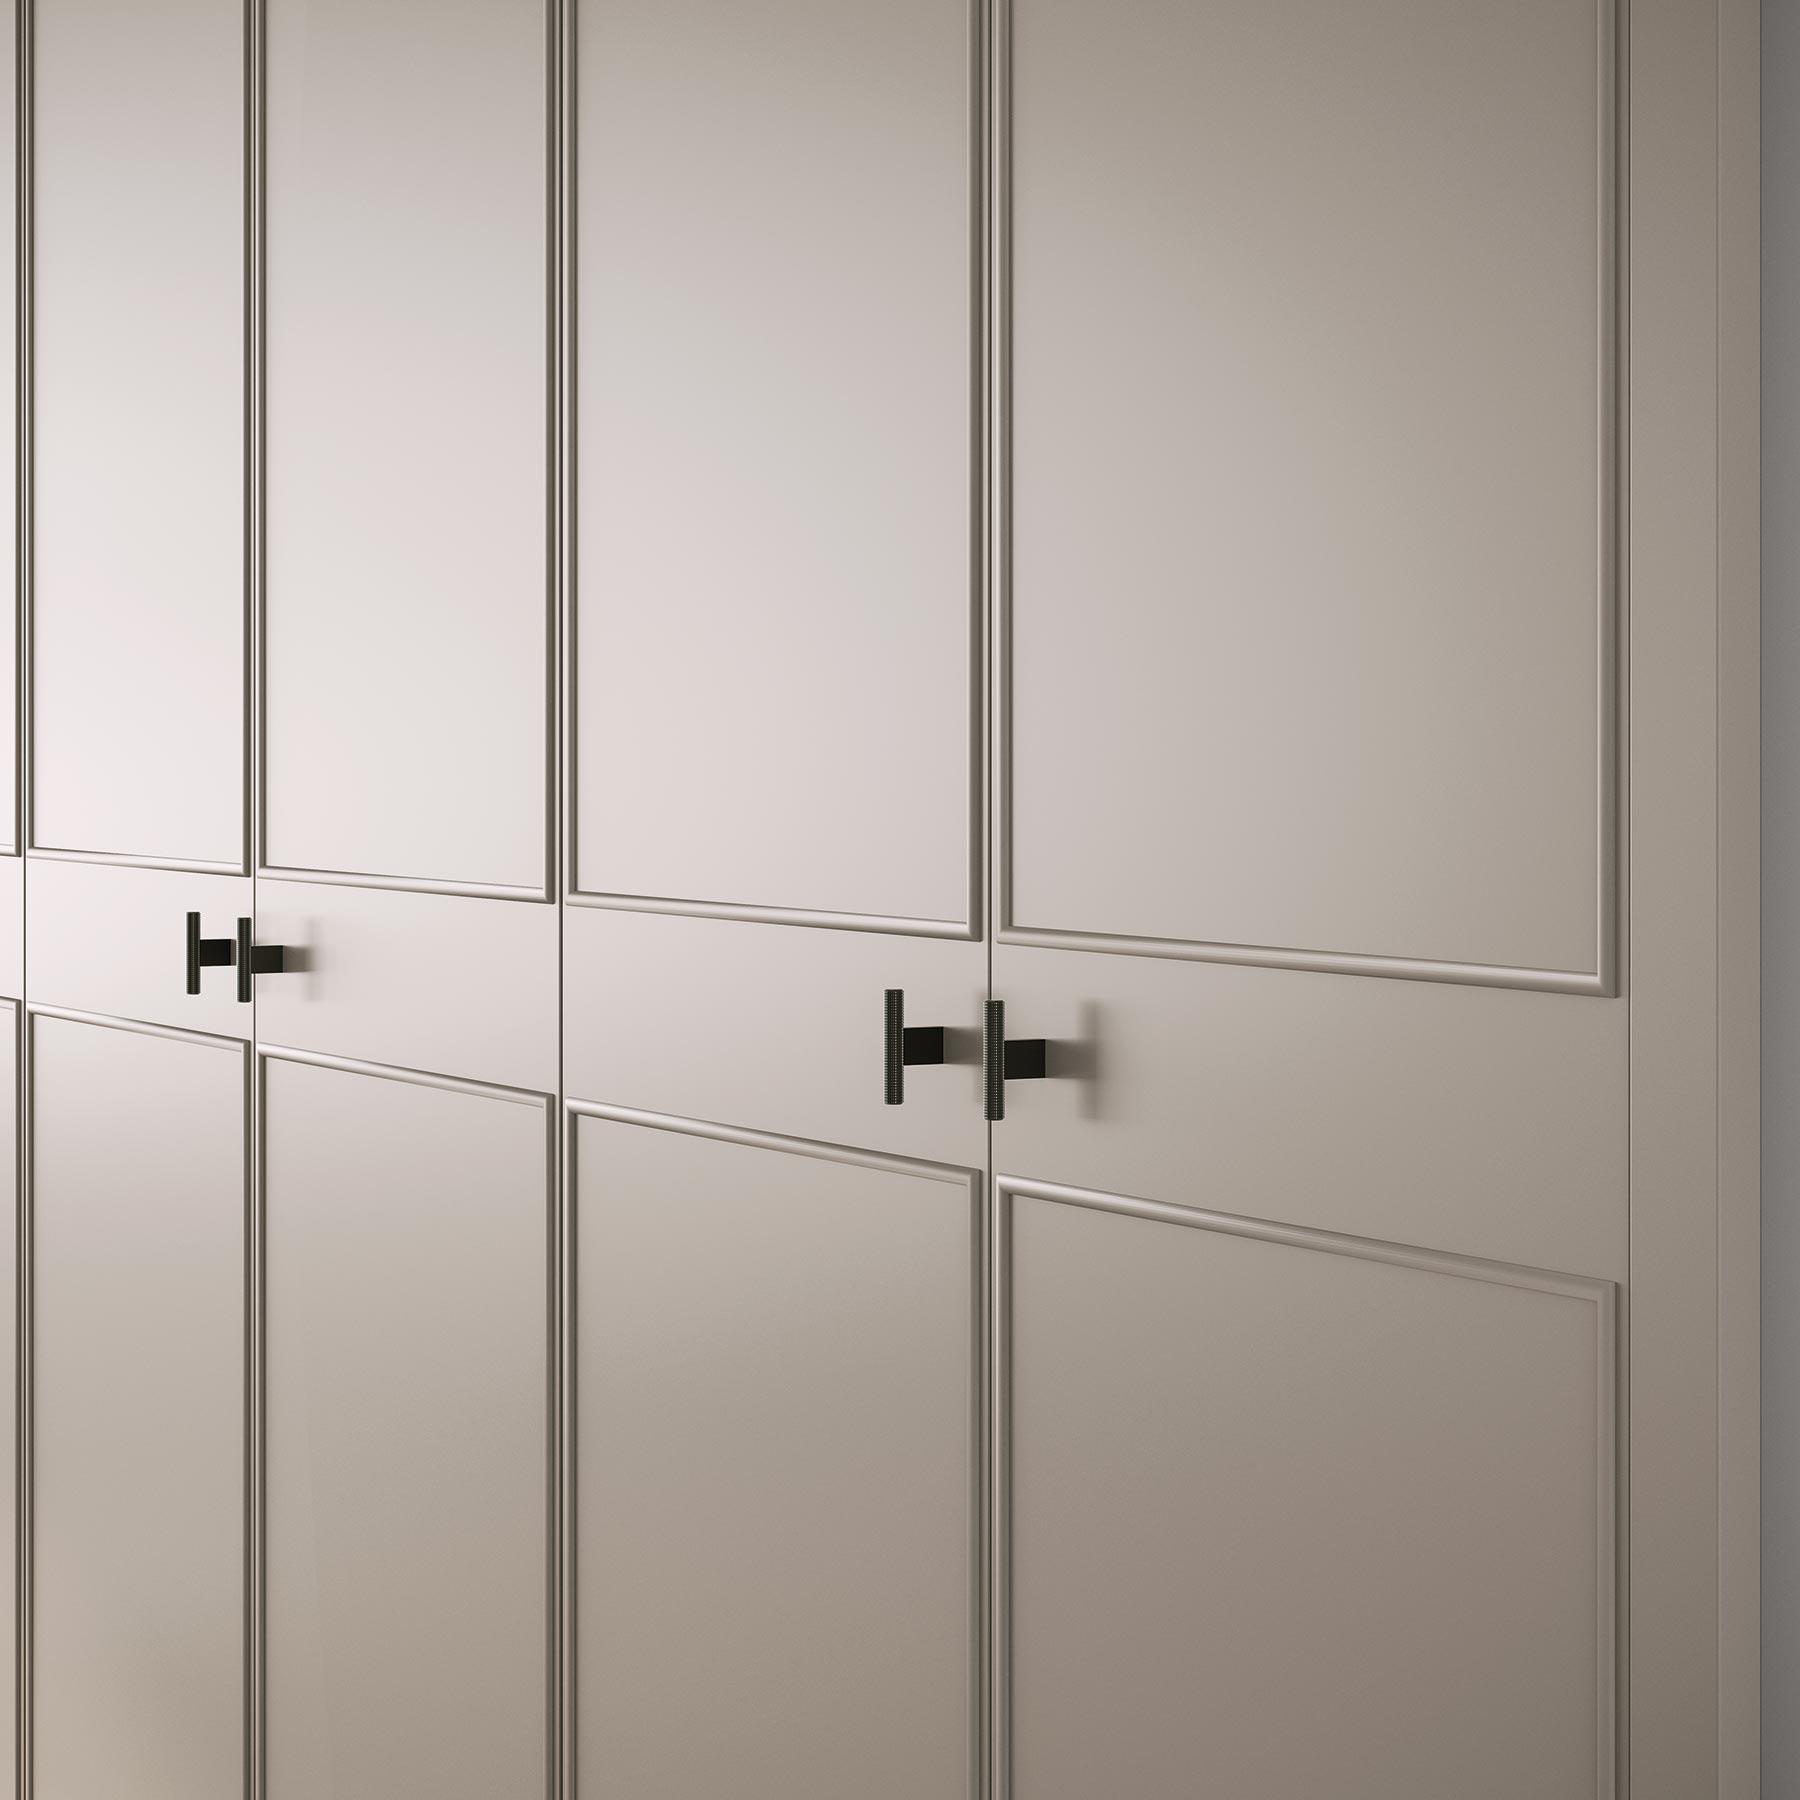 CLASSIC Ocho Puertas Armario A Medida con Puertas Abatibles Detalle puerta